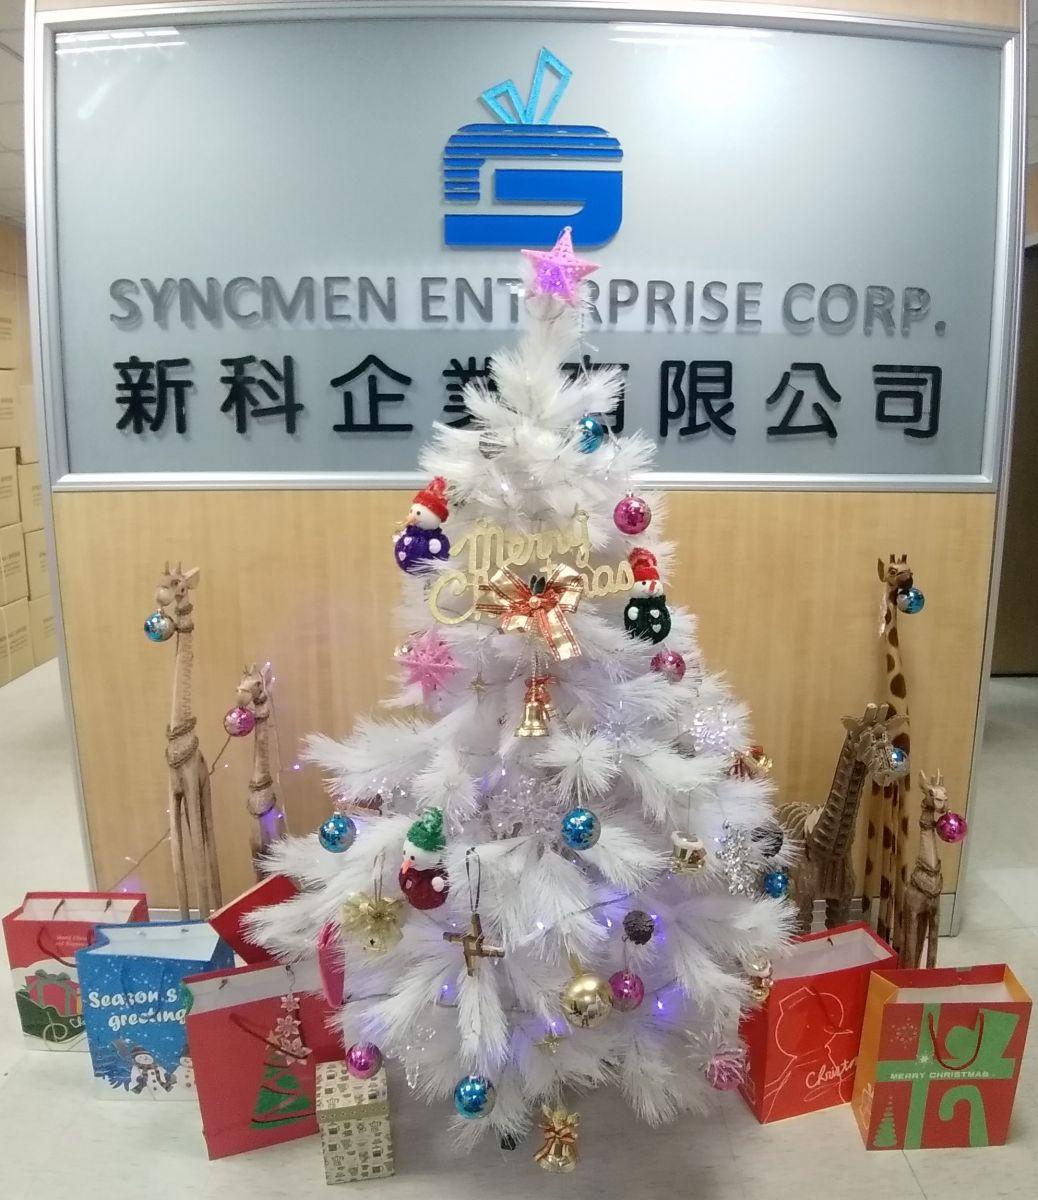 Syncmen's Christmas tree